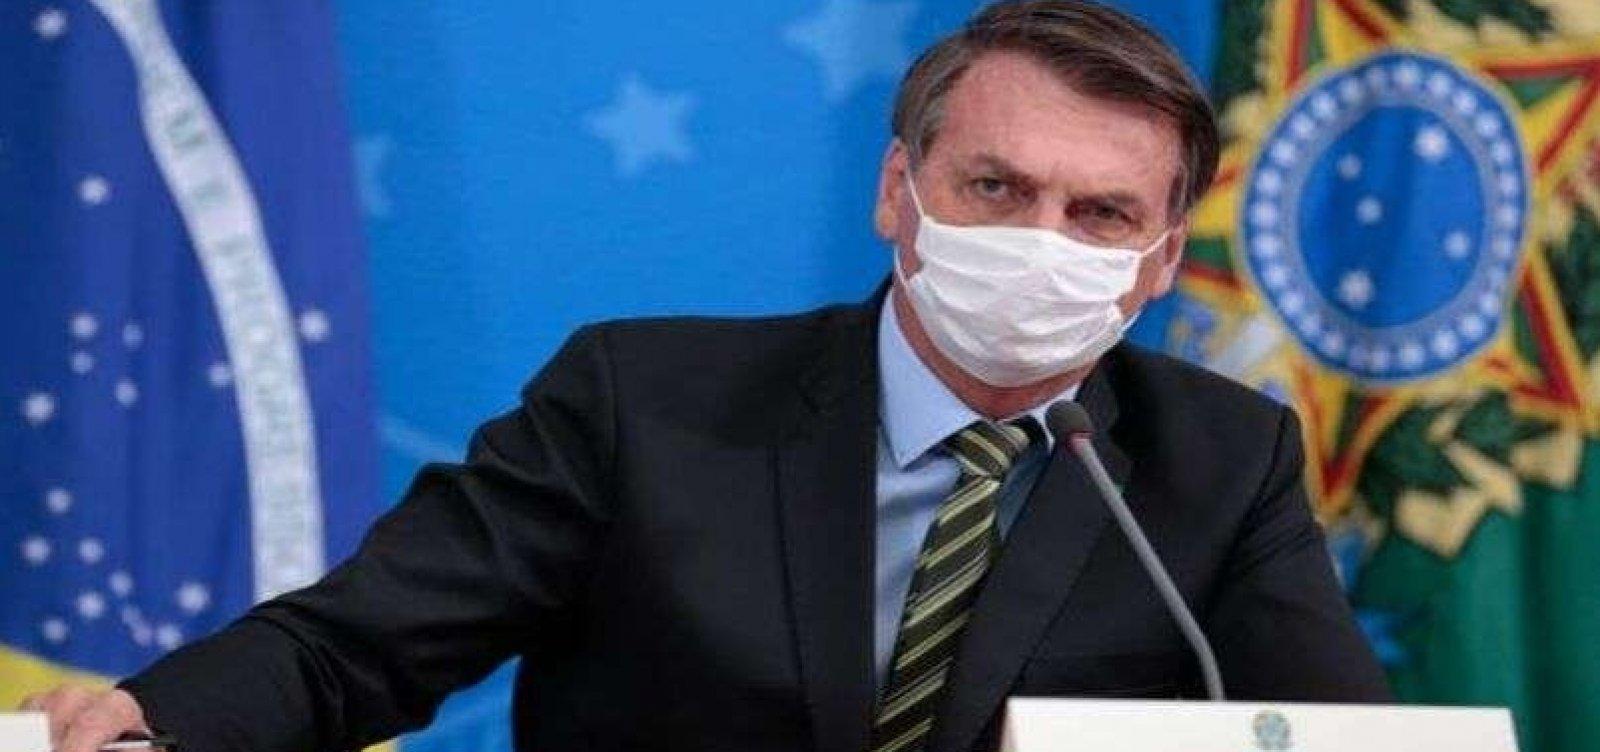 Bolsonaro muda de discurso e passa a defender vacinação 'para a economia funcionar'